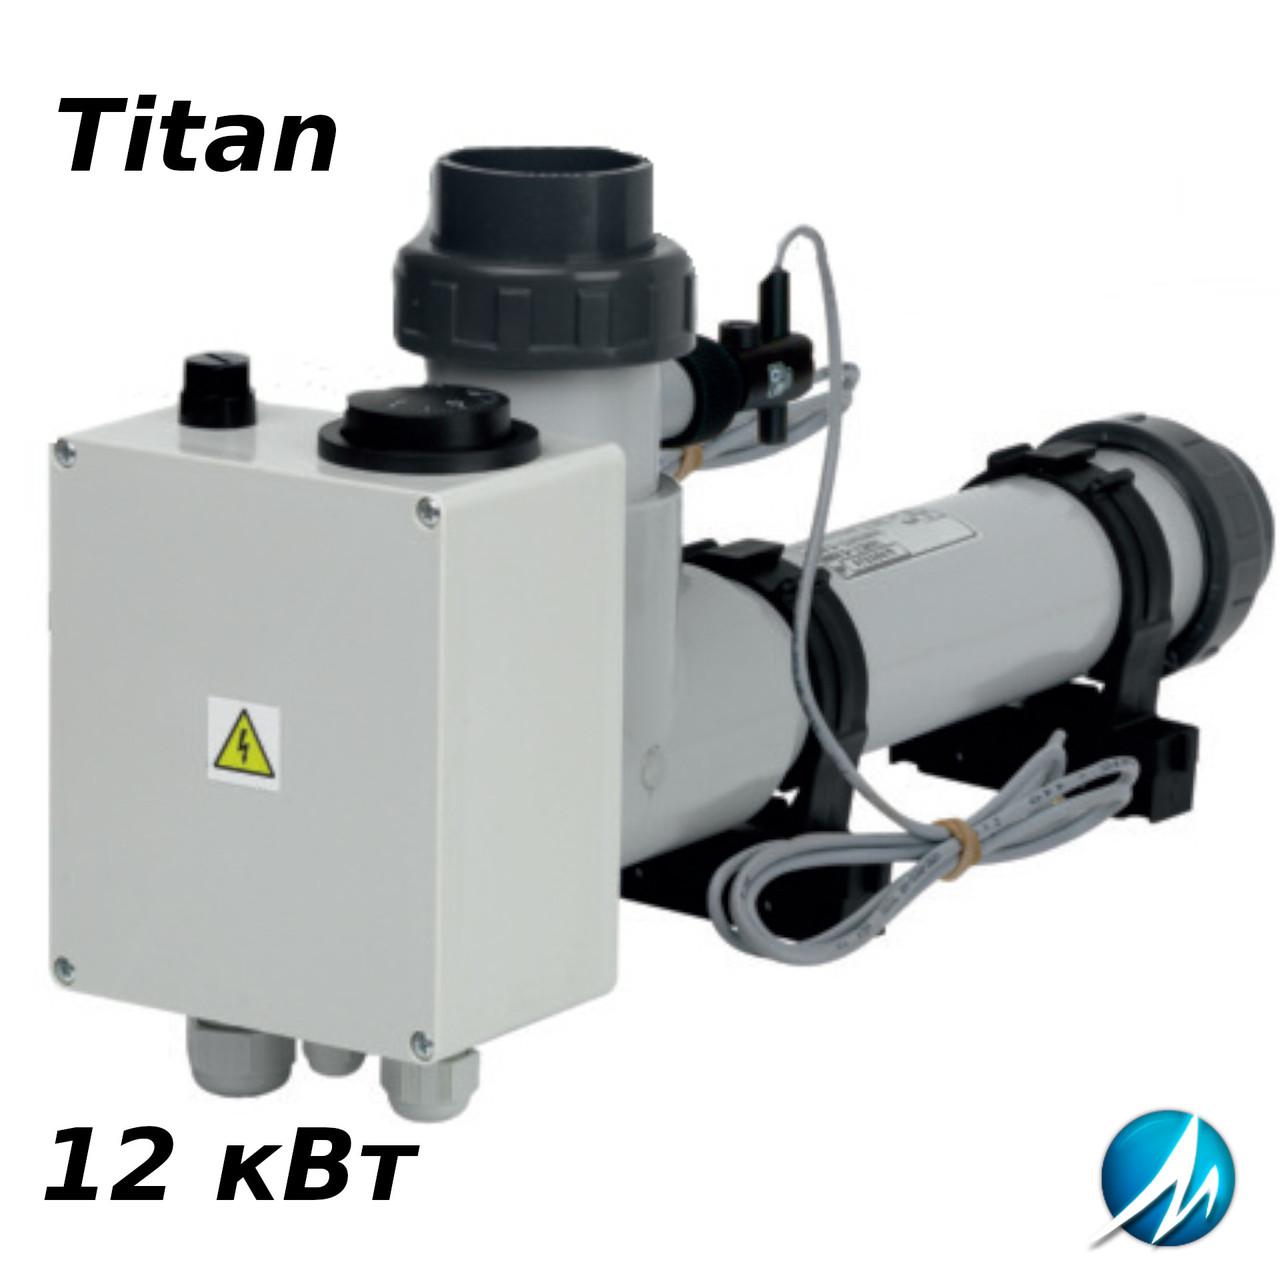 Електронагрівач EOVTI Titan (тен з титану) - 12 кВт